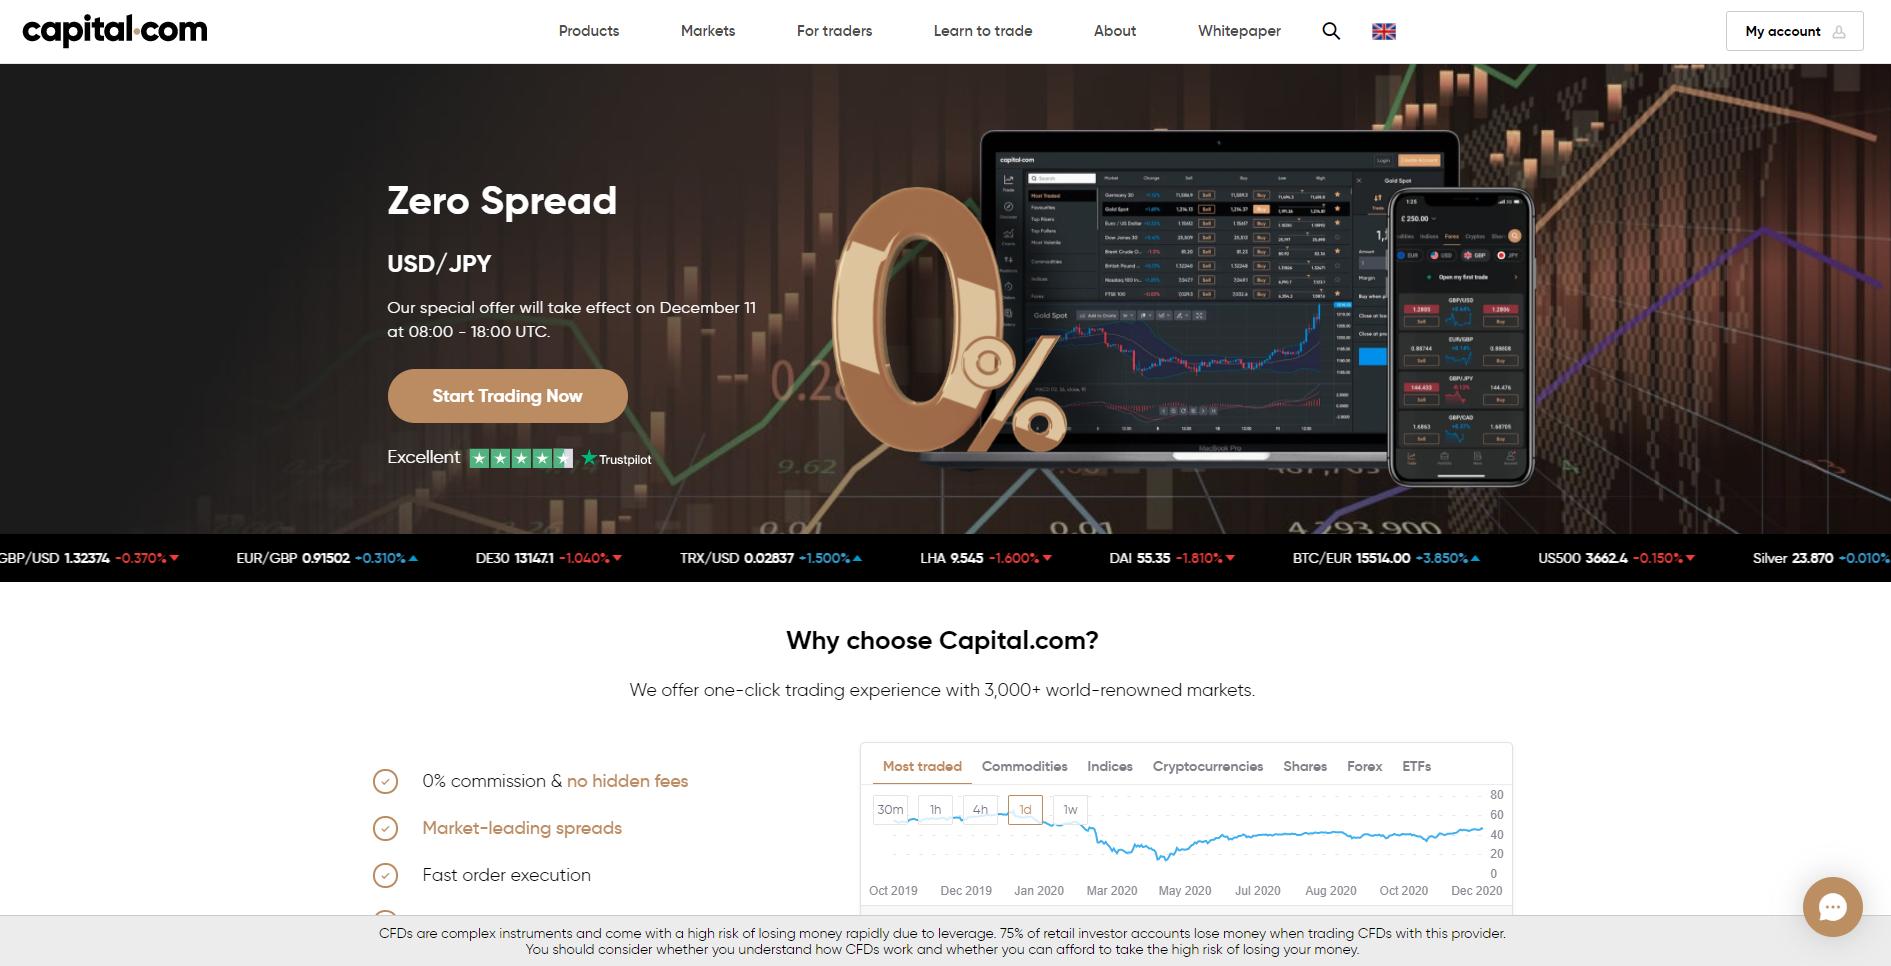 Oficjalna strona Capital.com